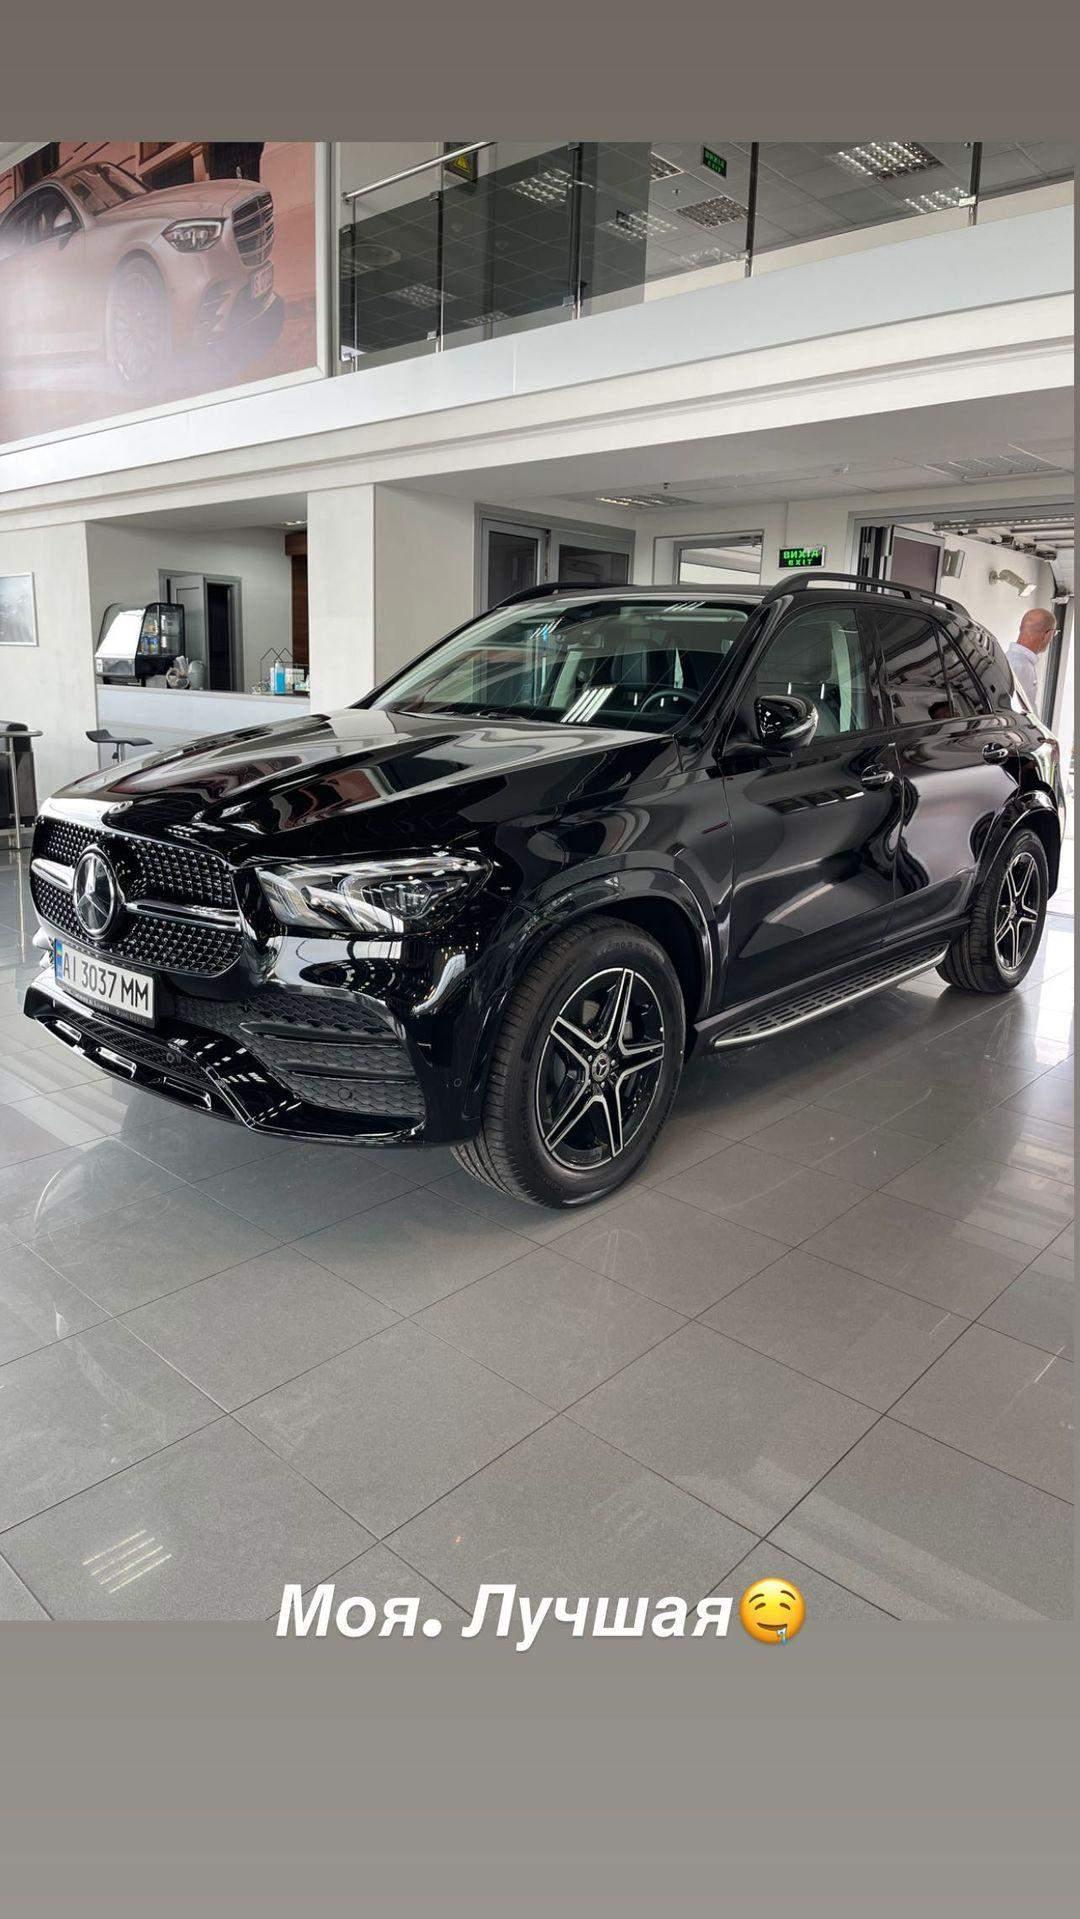 Авто Даші Квіткової за понад 2 мільйони гривень